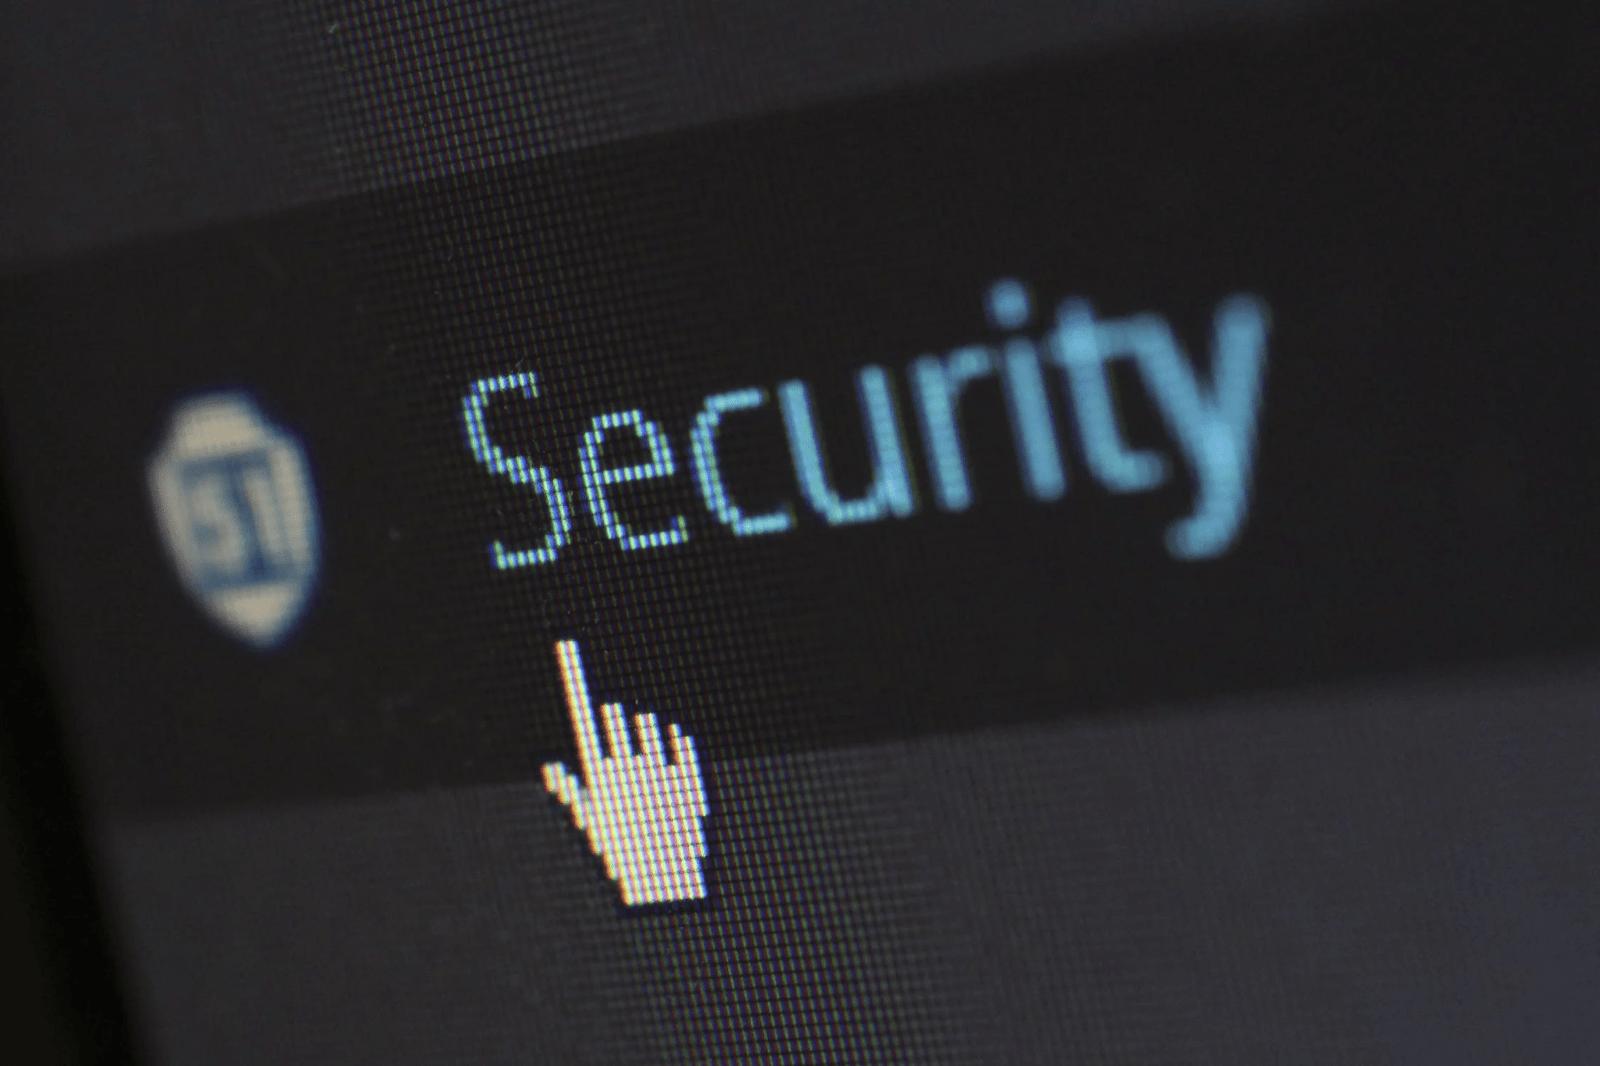 Descubra 13 dicas simples para aumentar a segurança online 2